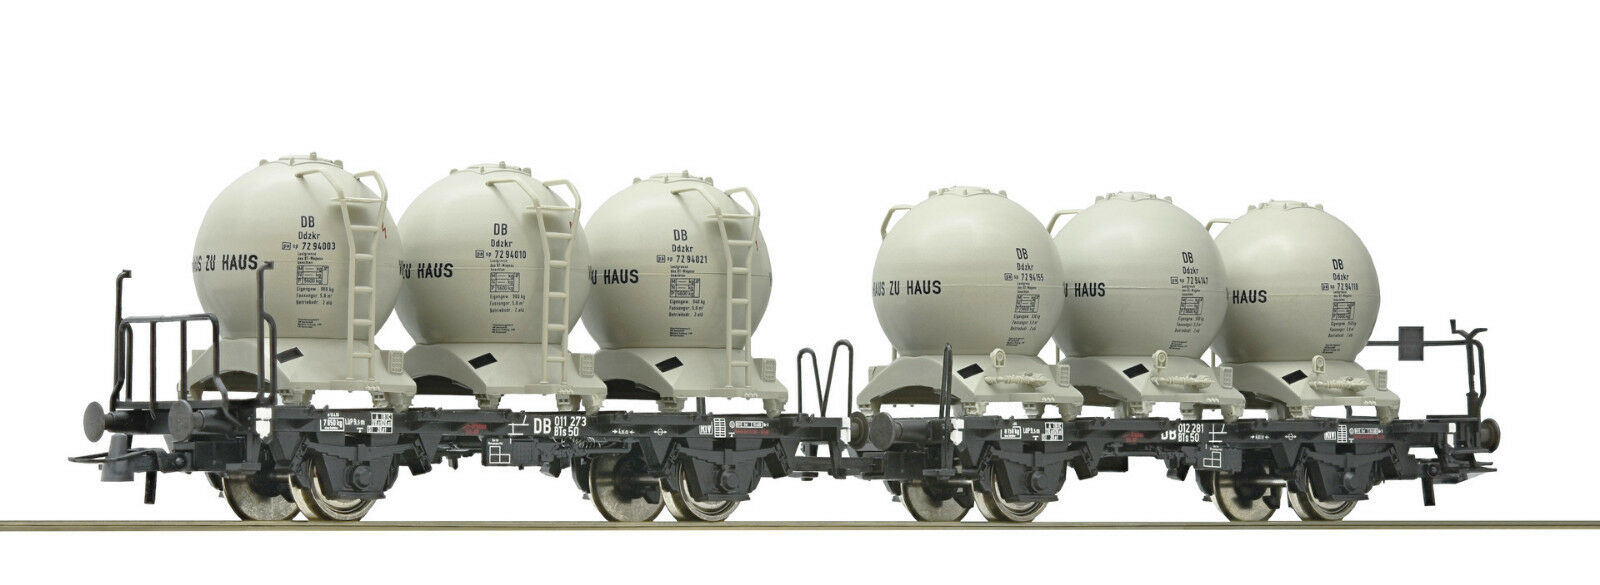 oferta de tienda Roco 47373 Vagón Vagón Vagón Transporte Contenedores DB Ep3 con Cambio de Eje si lo Desea  Disfruta de un 50% de descuento.